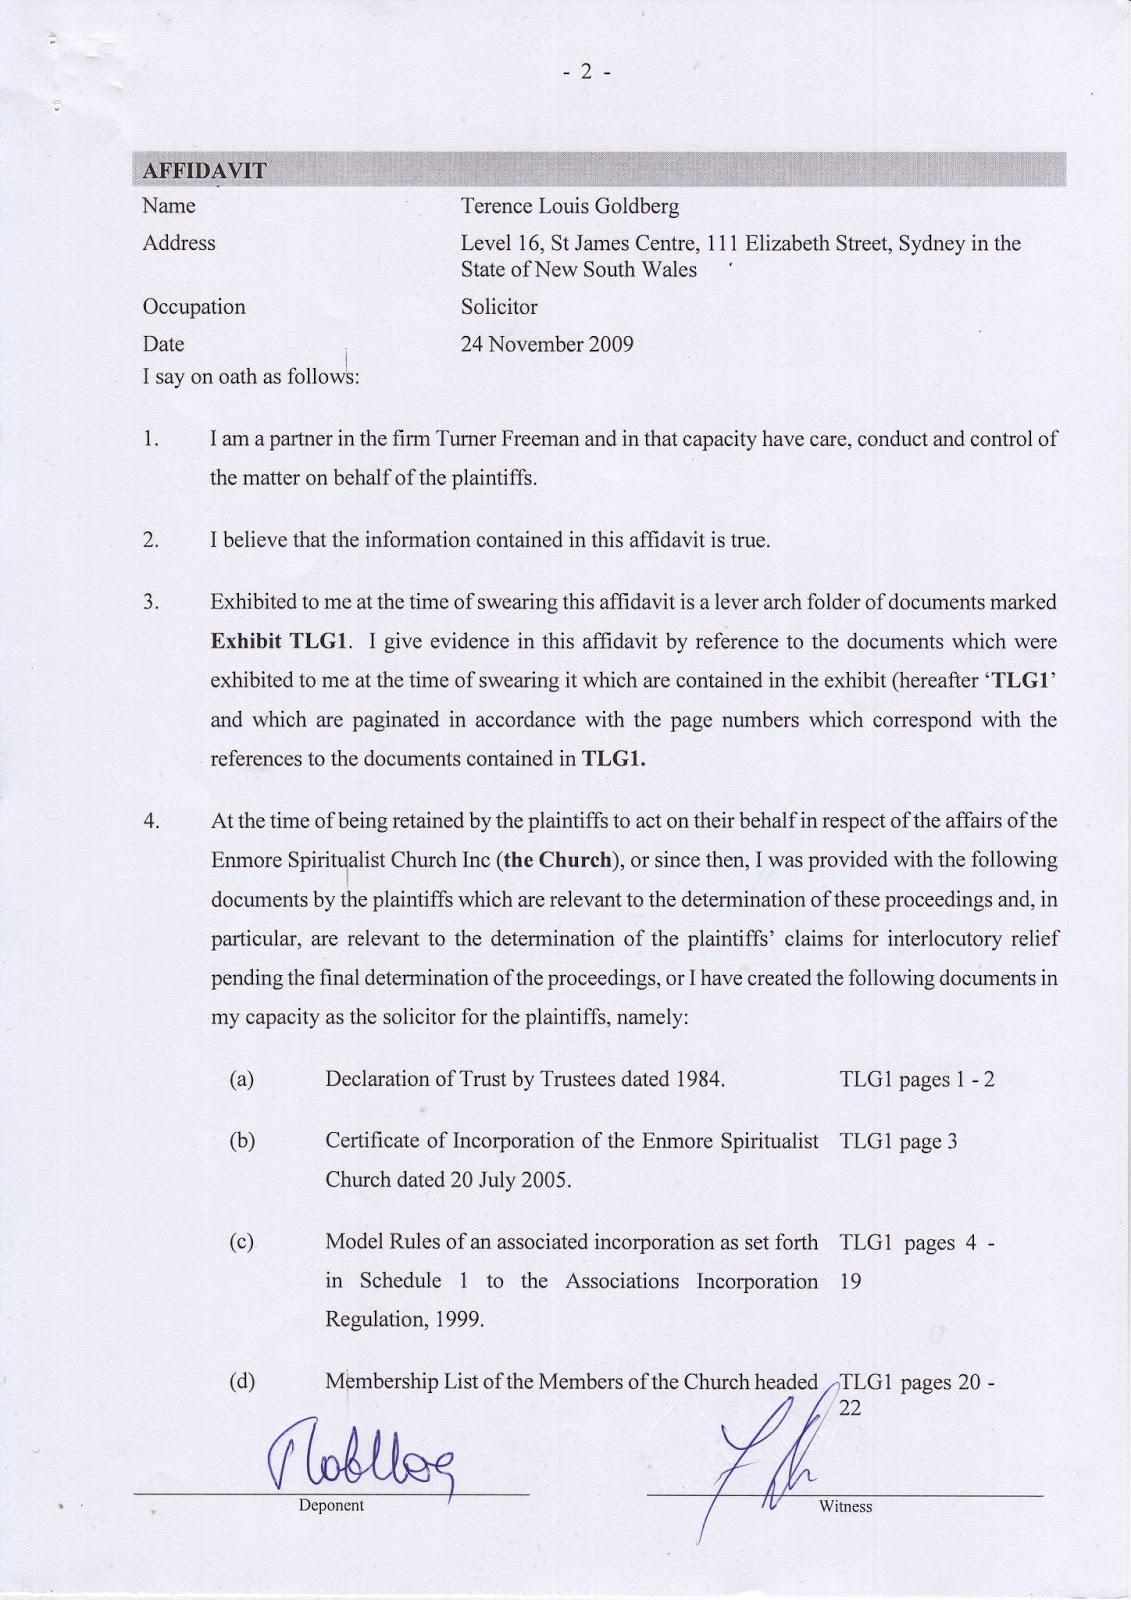 Terence Goldberg's sworn affidavit of 24 November 2009